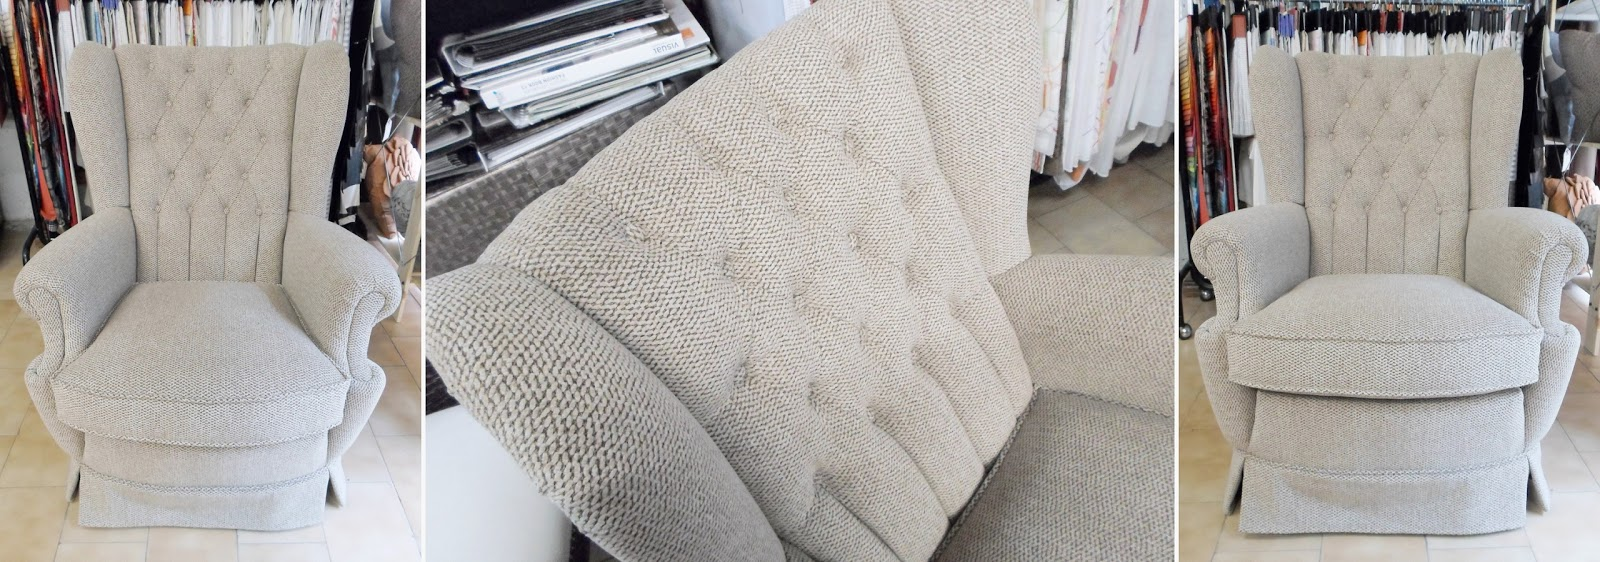 Tapicer a carrasco asturias el tapizado capiton - Como tapizar una butaca ...